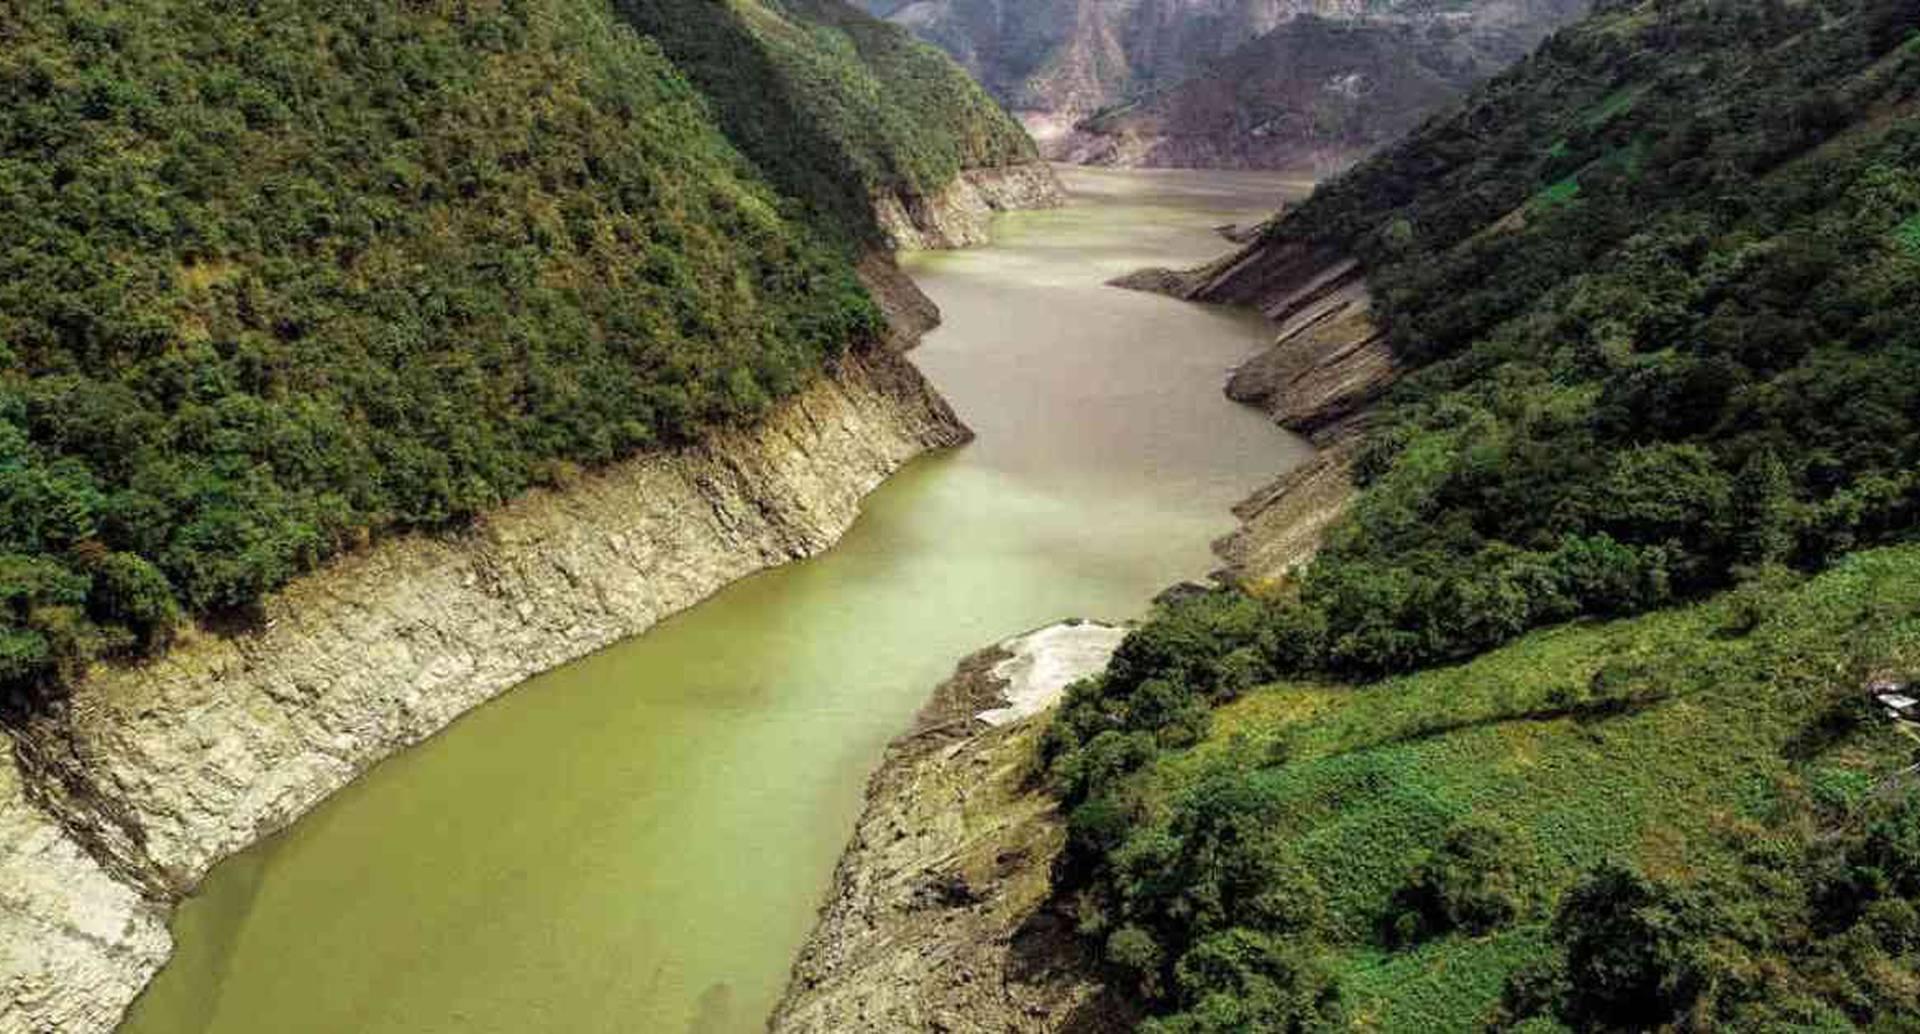 El embalse La Esmeralda se surte del río Batá. De este cuerpo de agua la compañía AES Chivor genera energía. Foto: Esteban Vega.